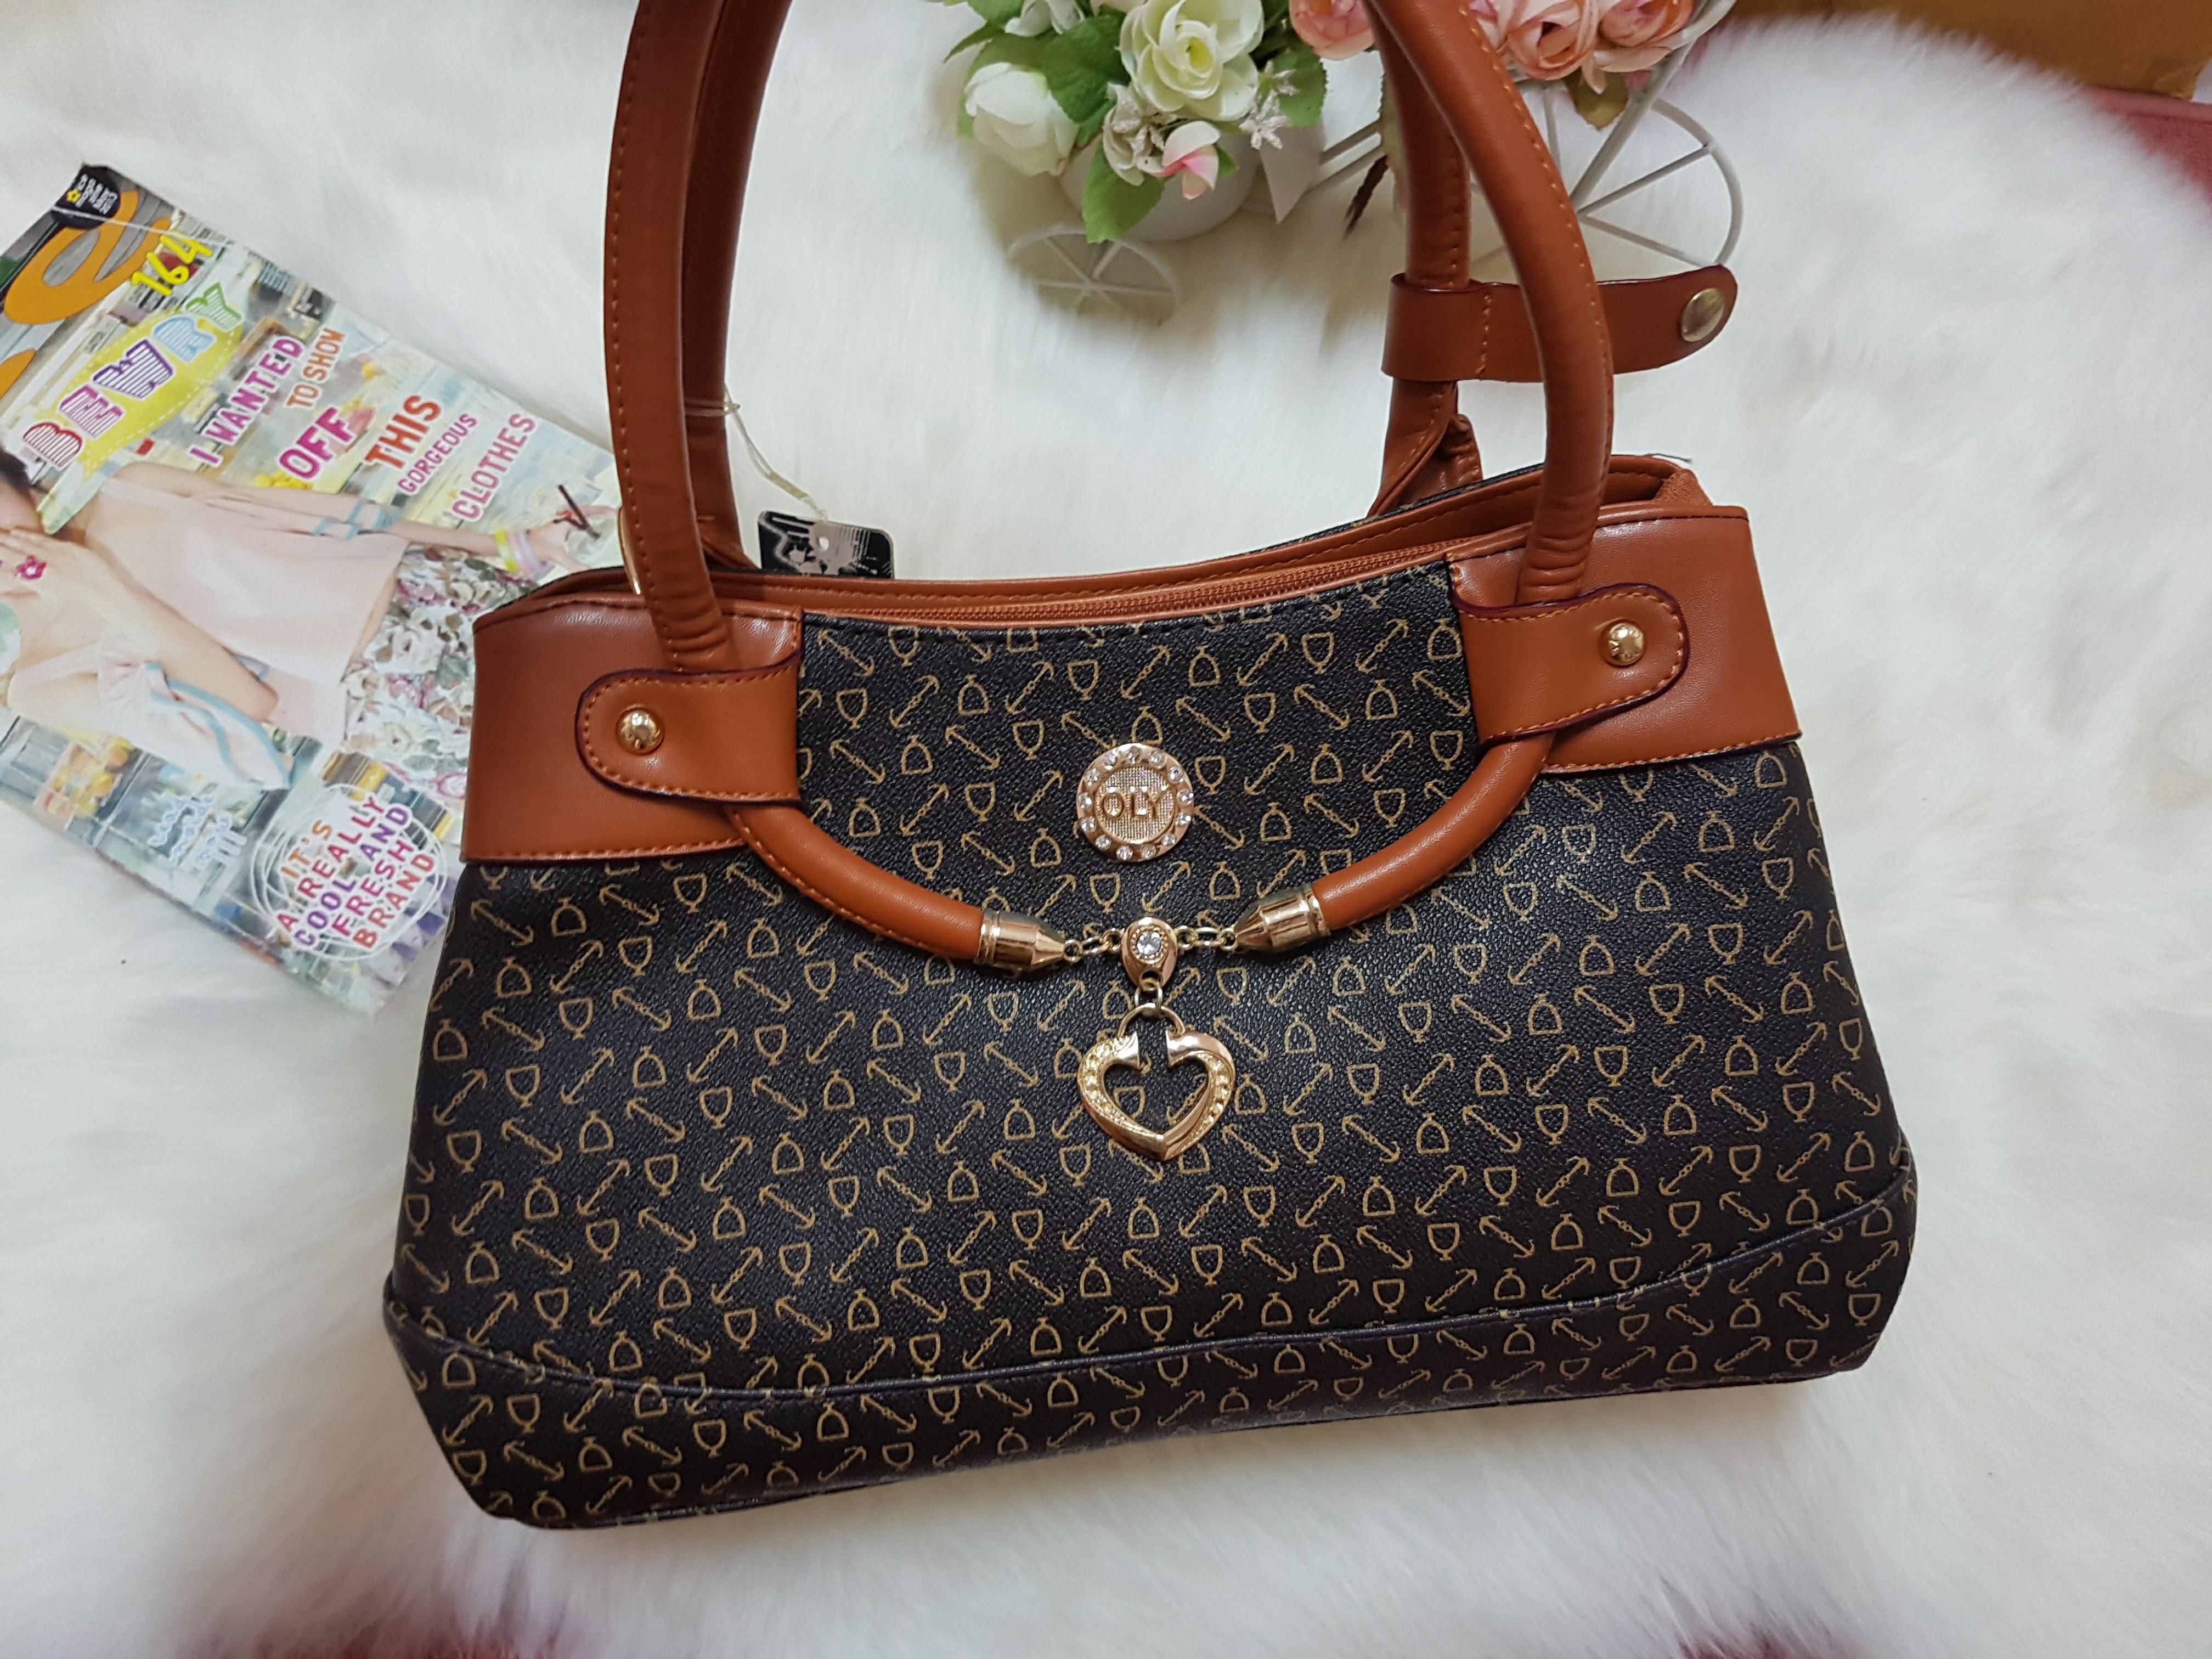 กระเป๋าแฟชั่นสตรี หนังPU เกรด A (แบรนด์แท้ฮ่องกง)